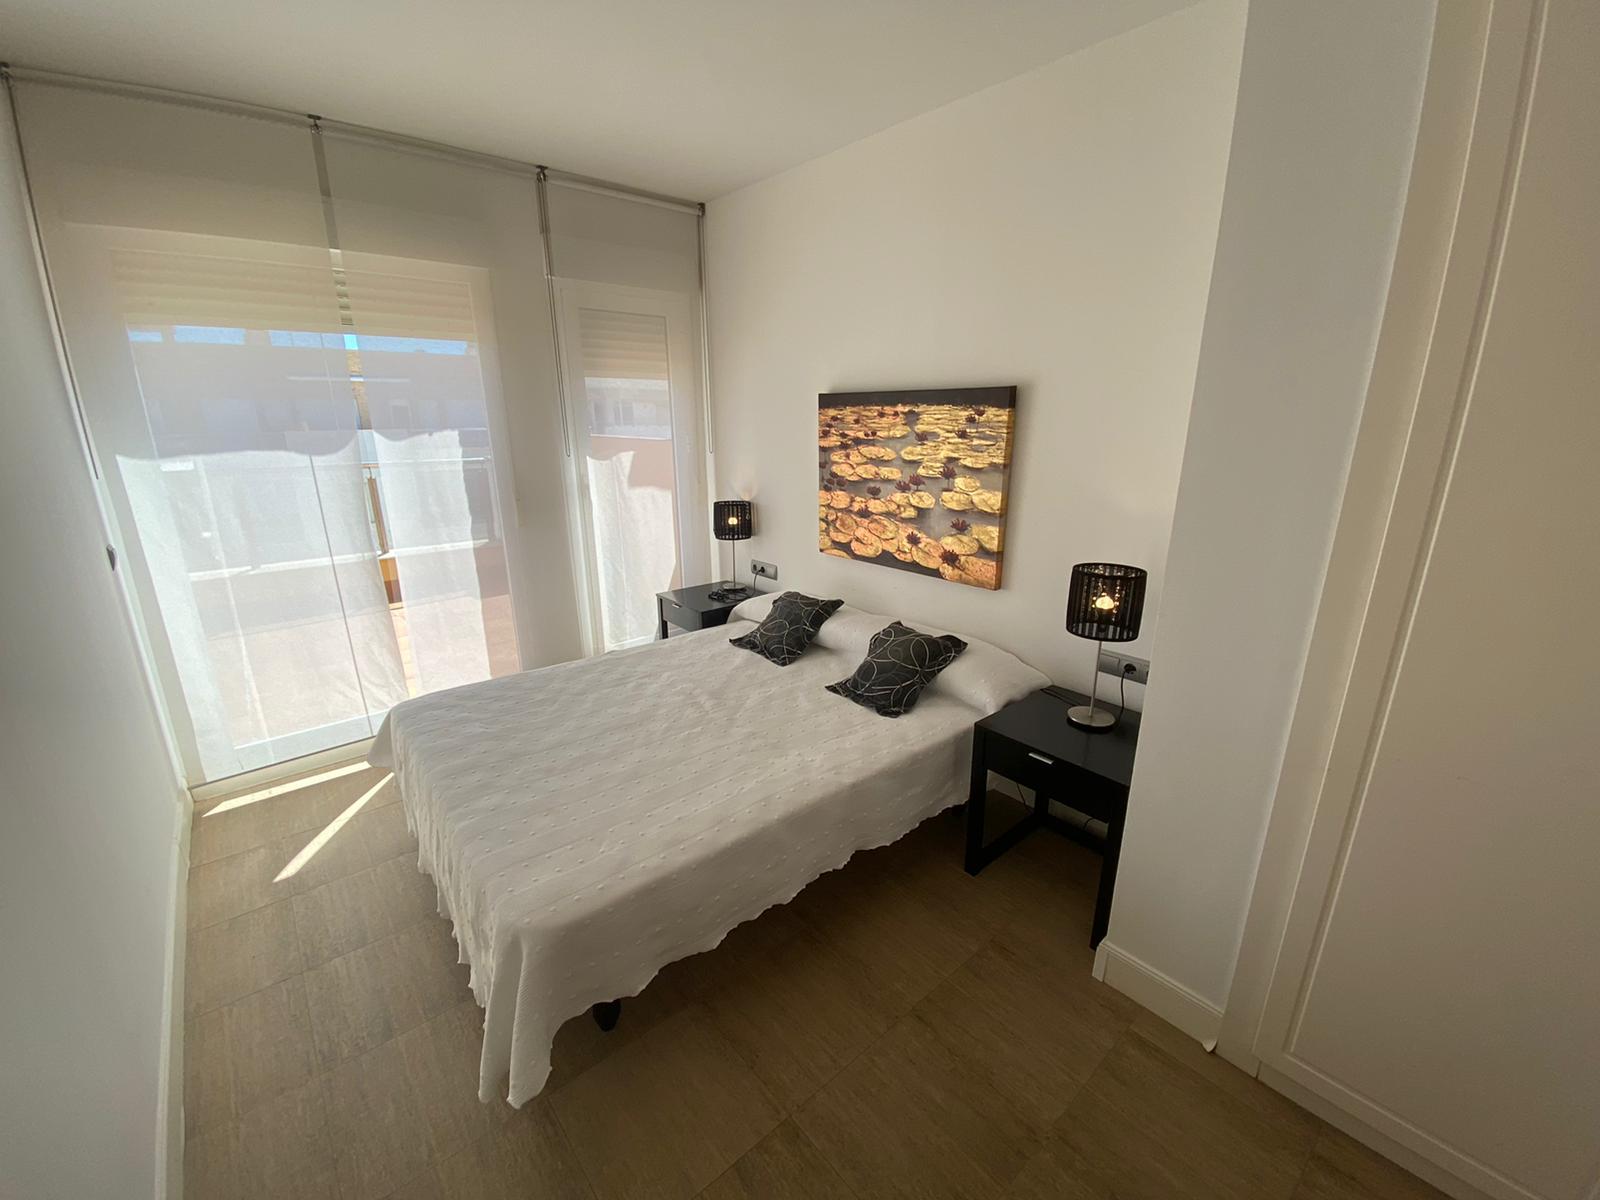 Imagen 9 del Apartamento Turístico, Ático 7 Poniente (3d+2b), Punta del Moral (HUELVA), Paseo de la Cruz nº22